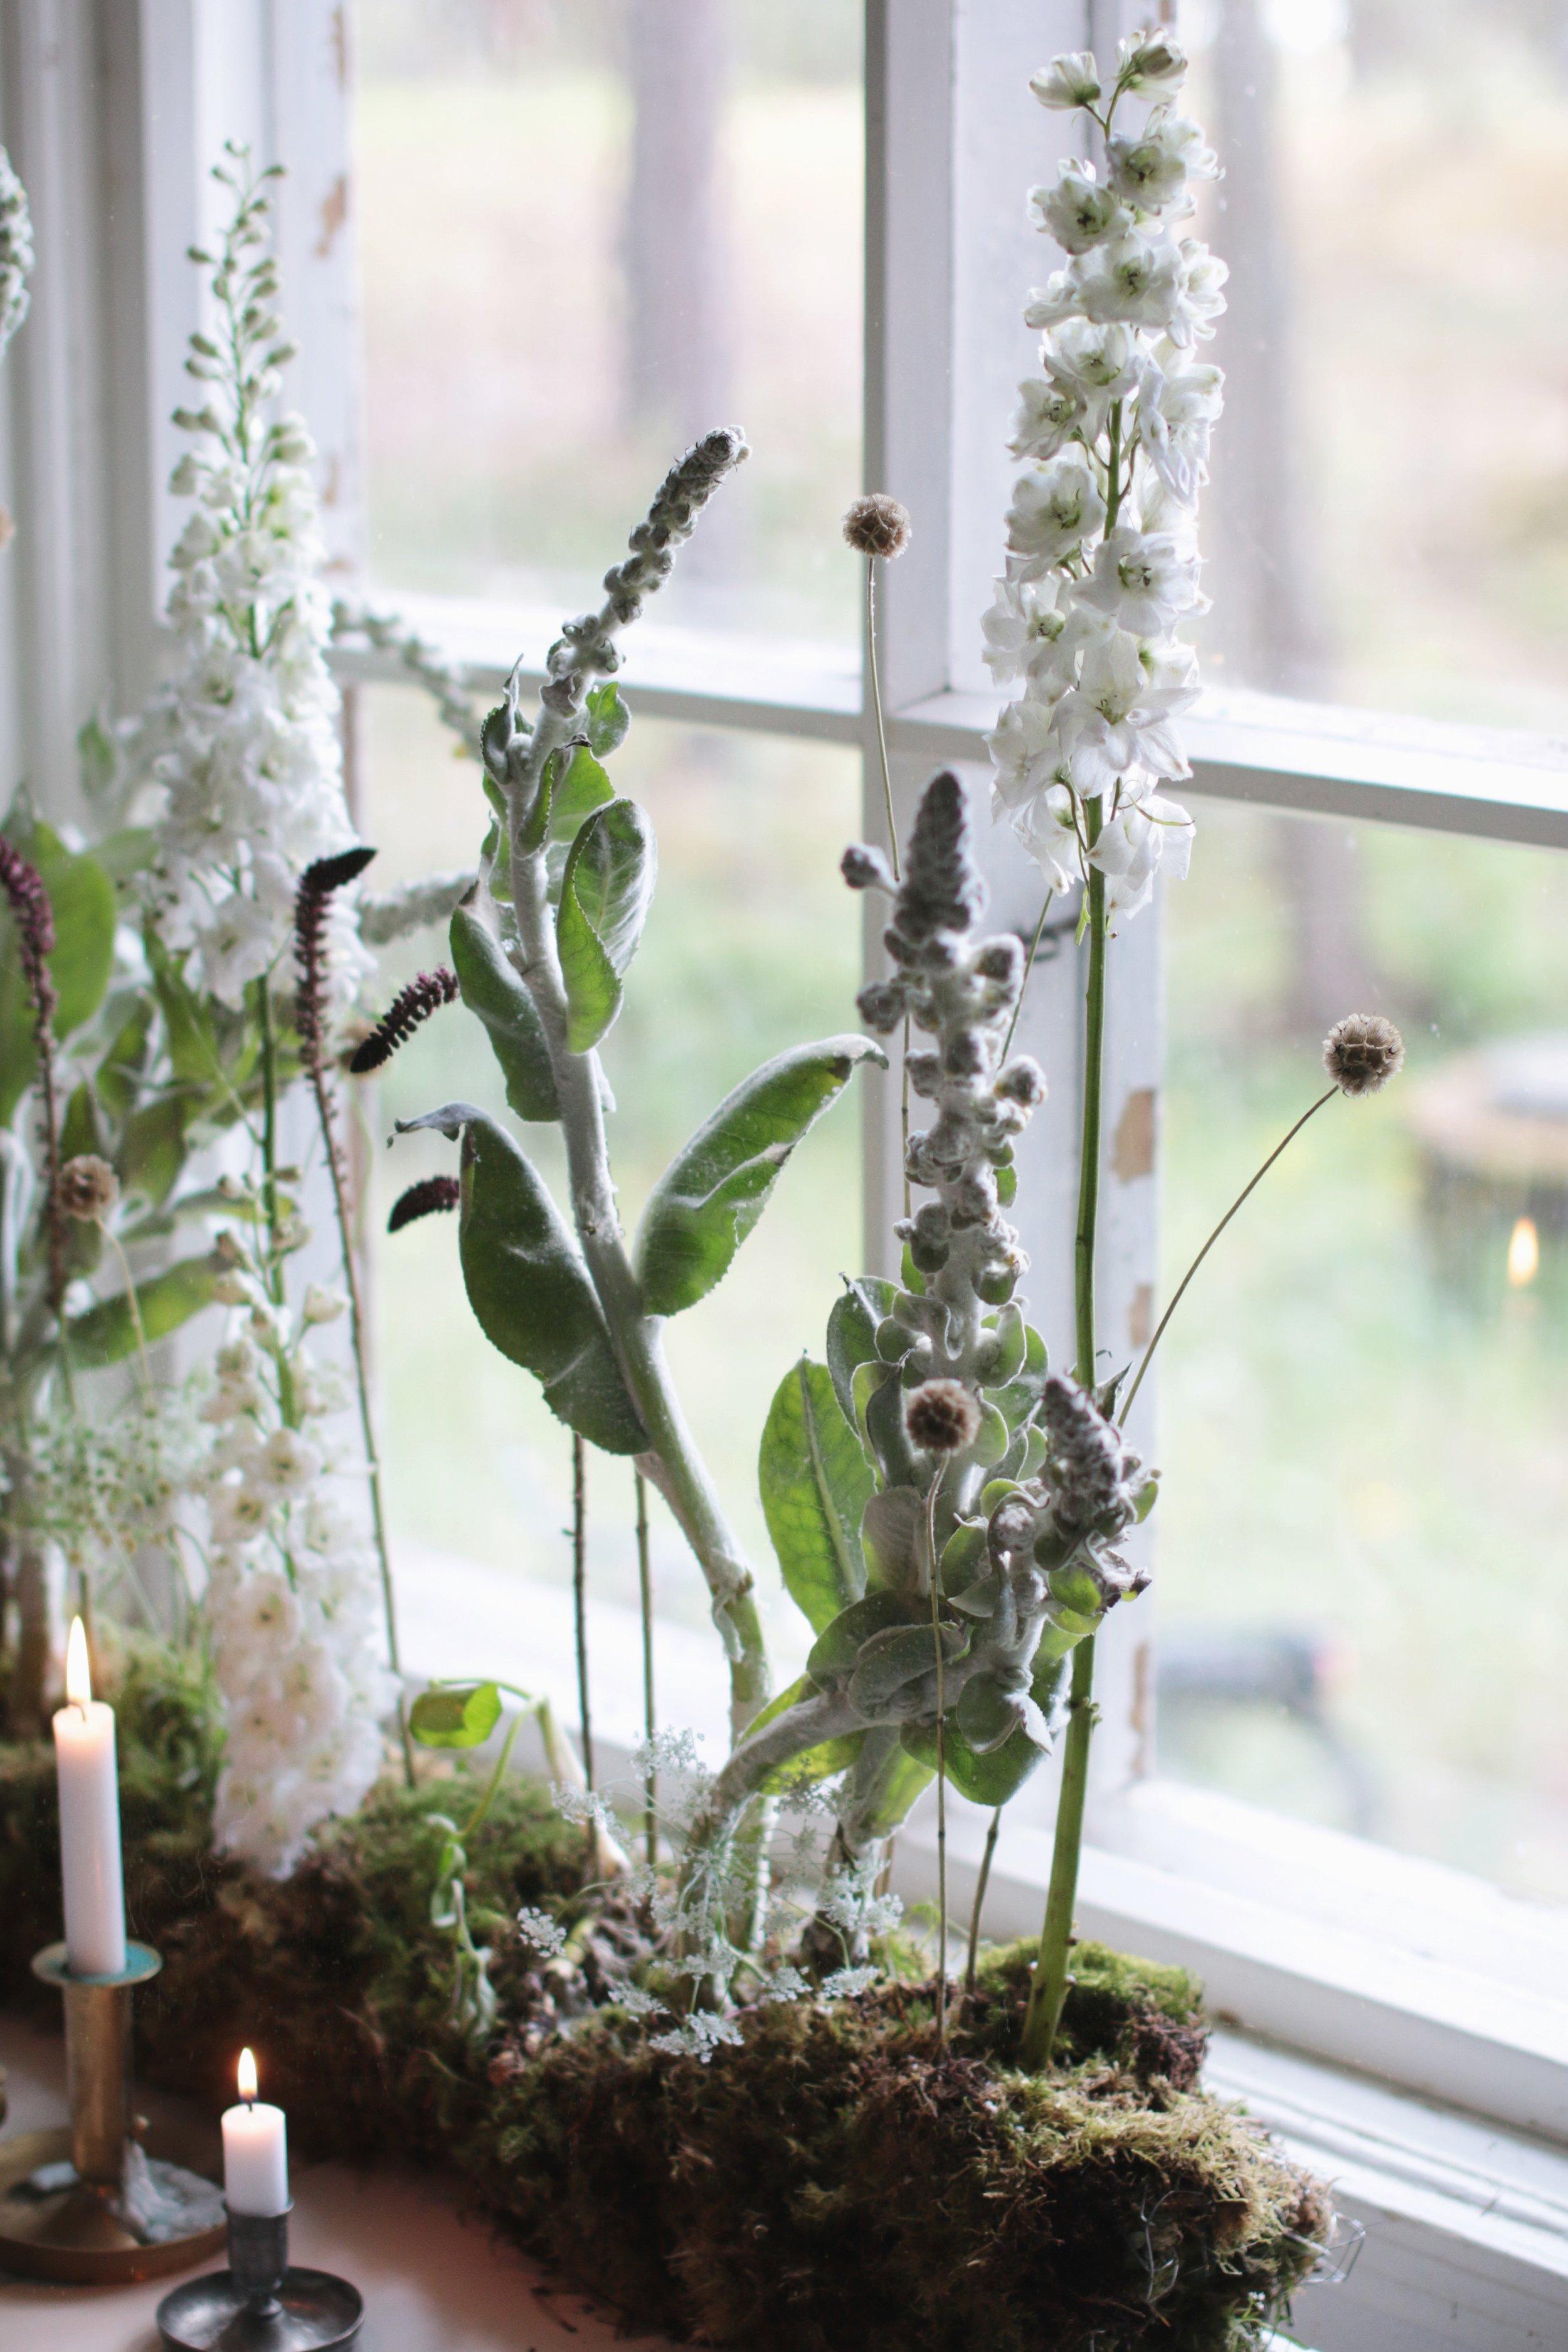 vihreä valkoinen selkeä ja luonnollinen kukka-asetelma